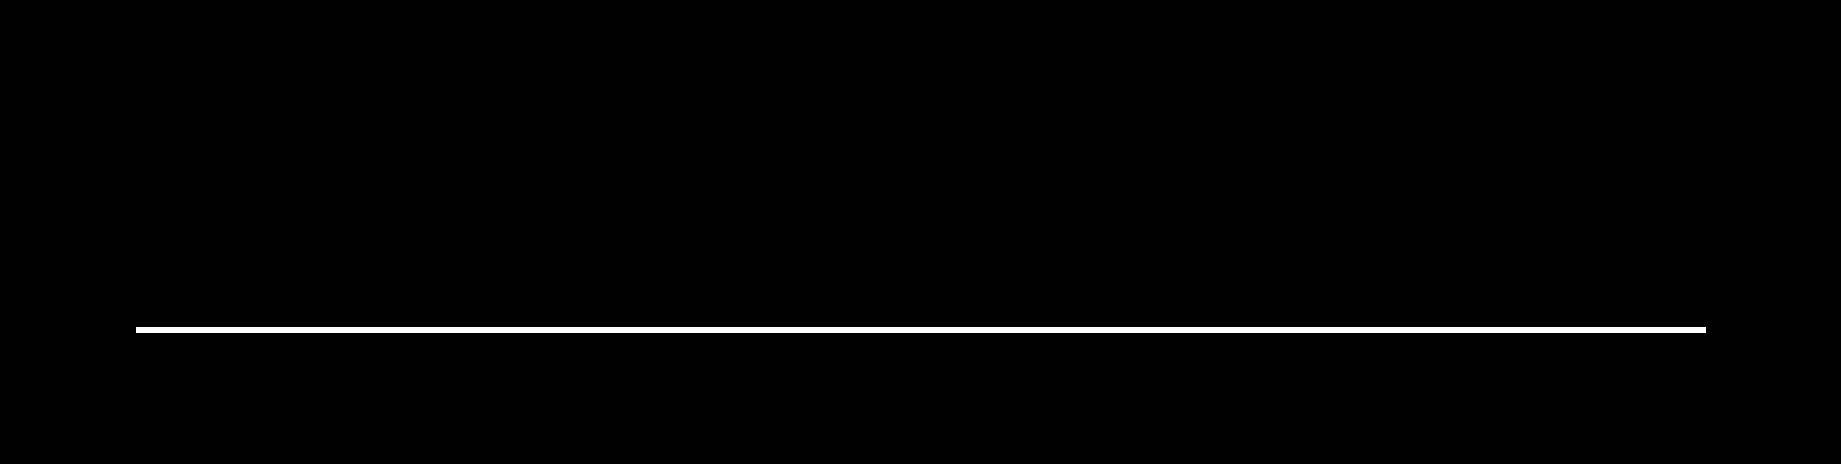 Trenergo